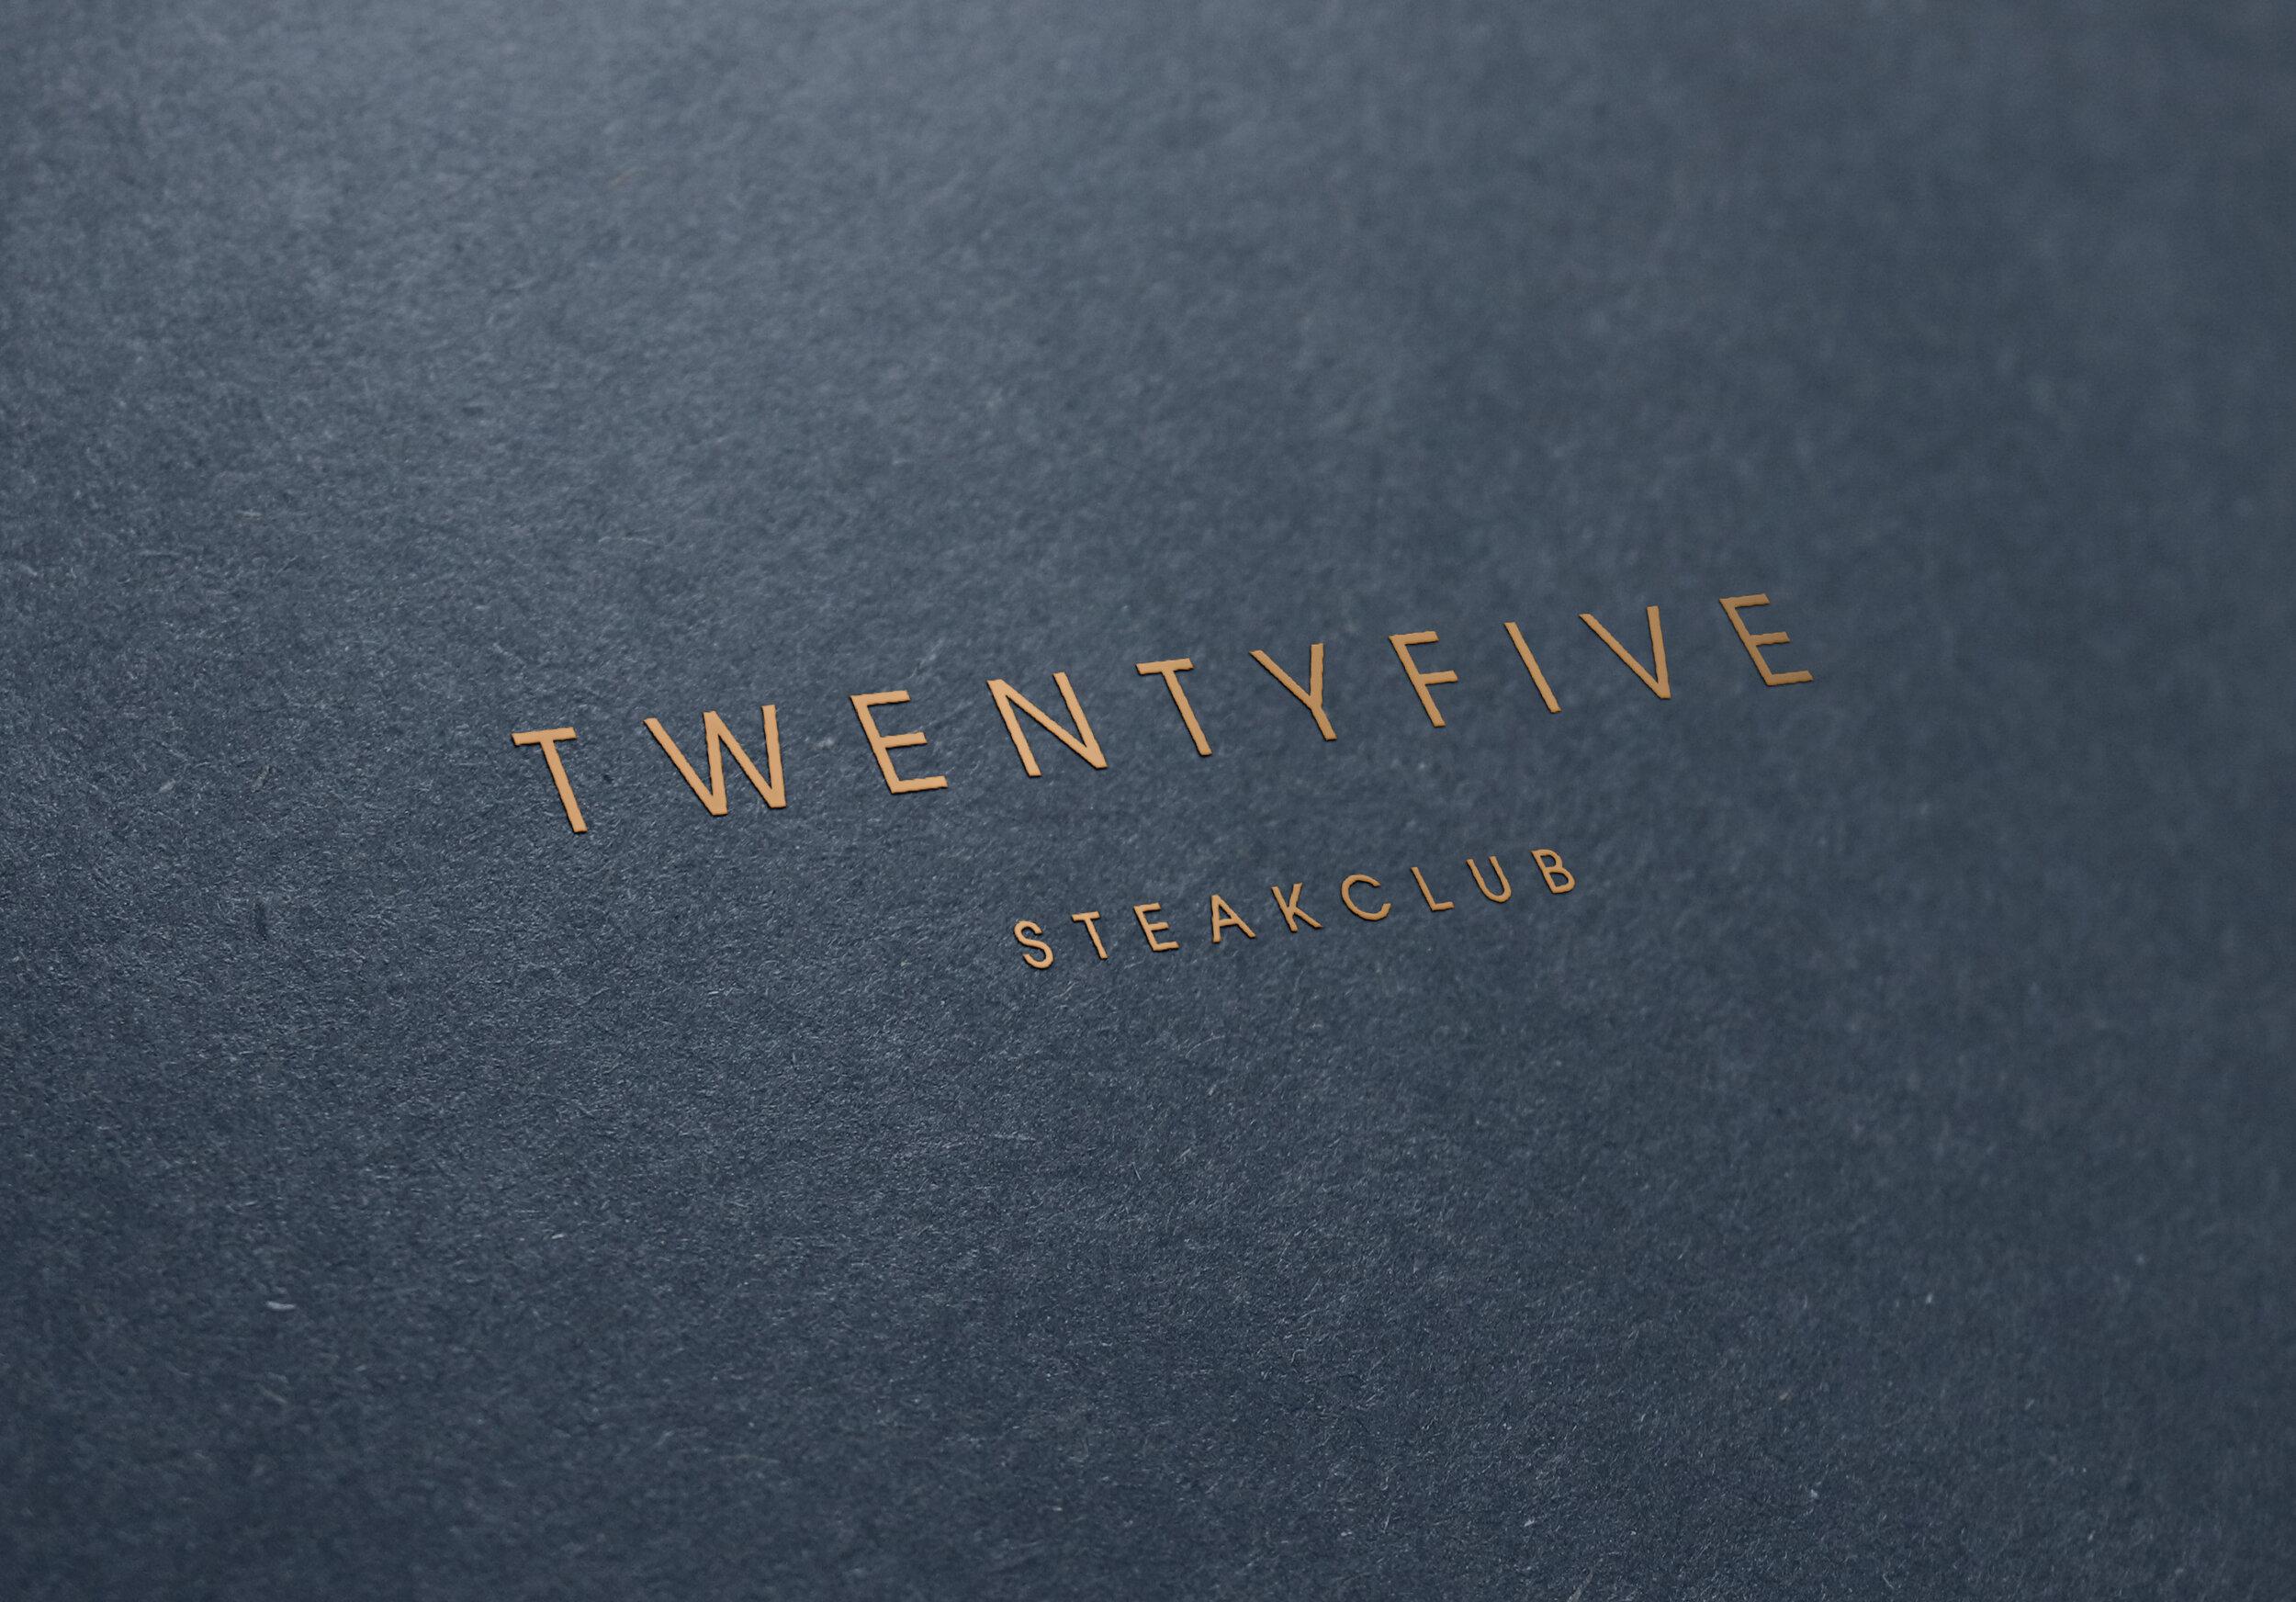 TwentyfiveBlue2.jpg